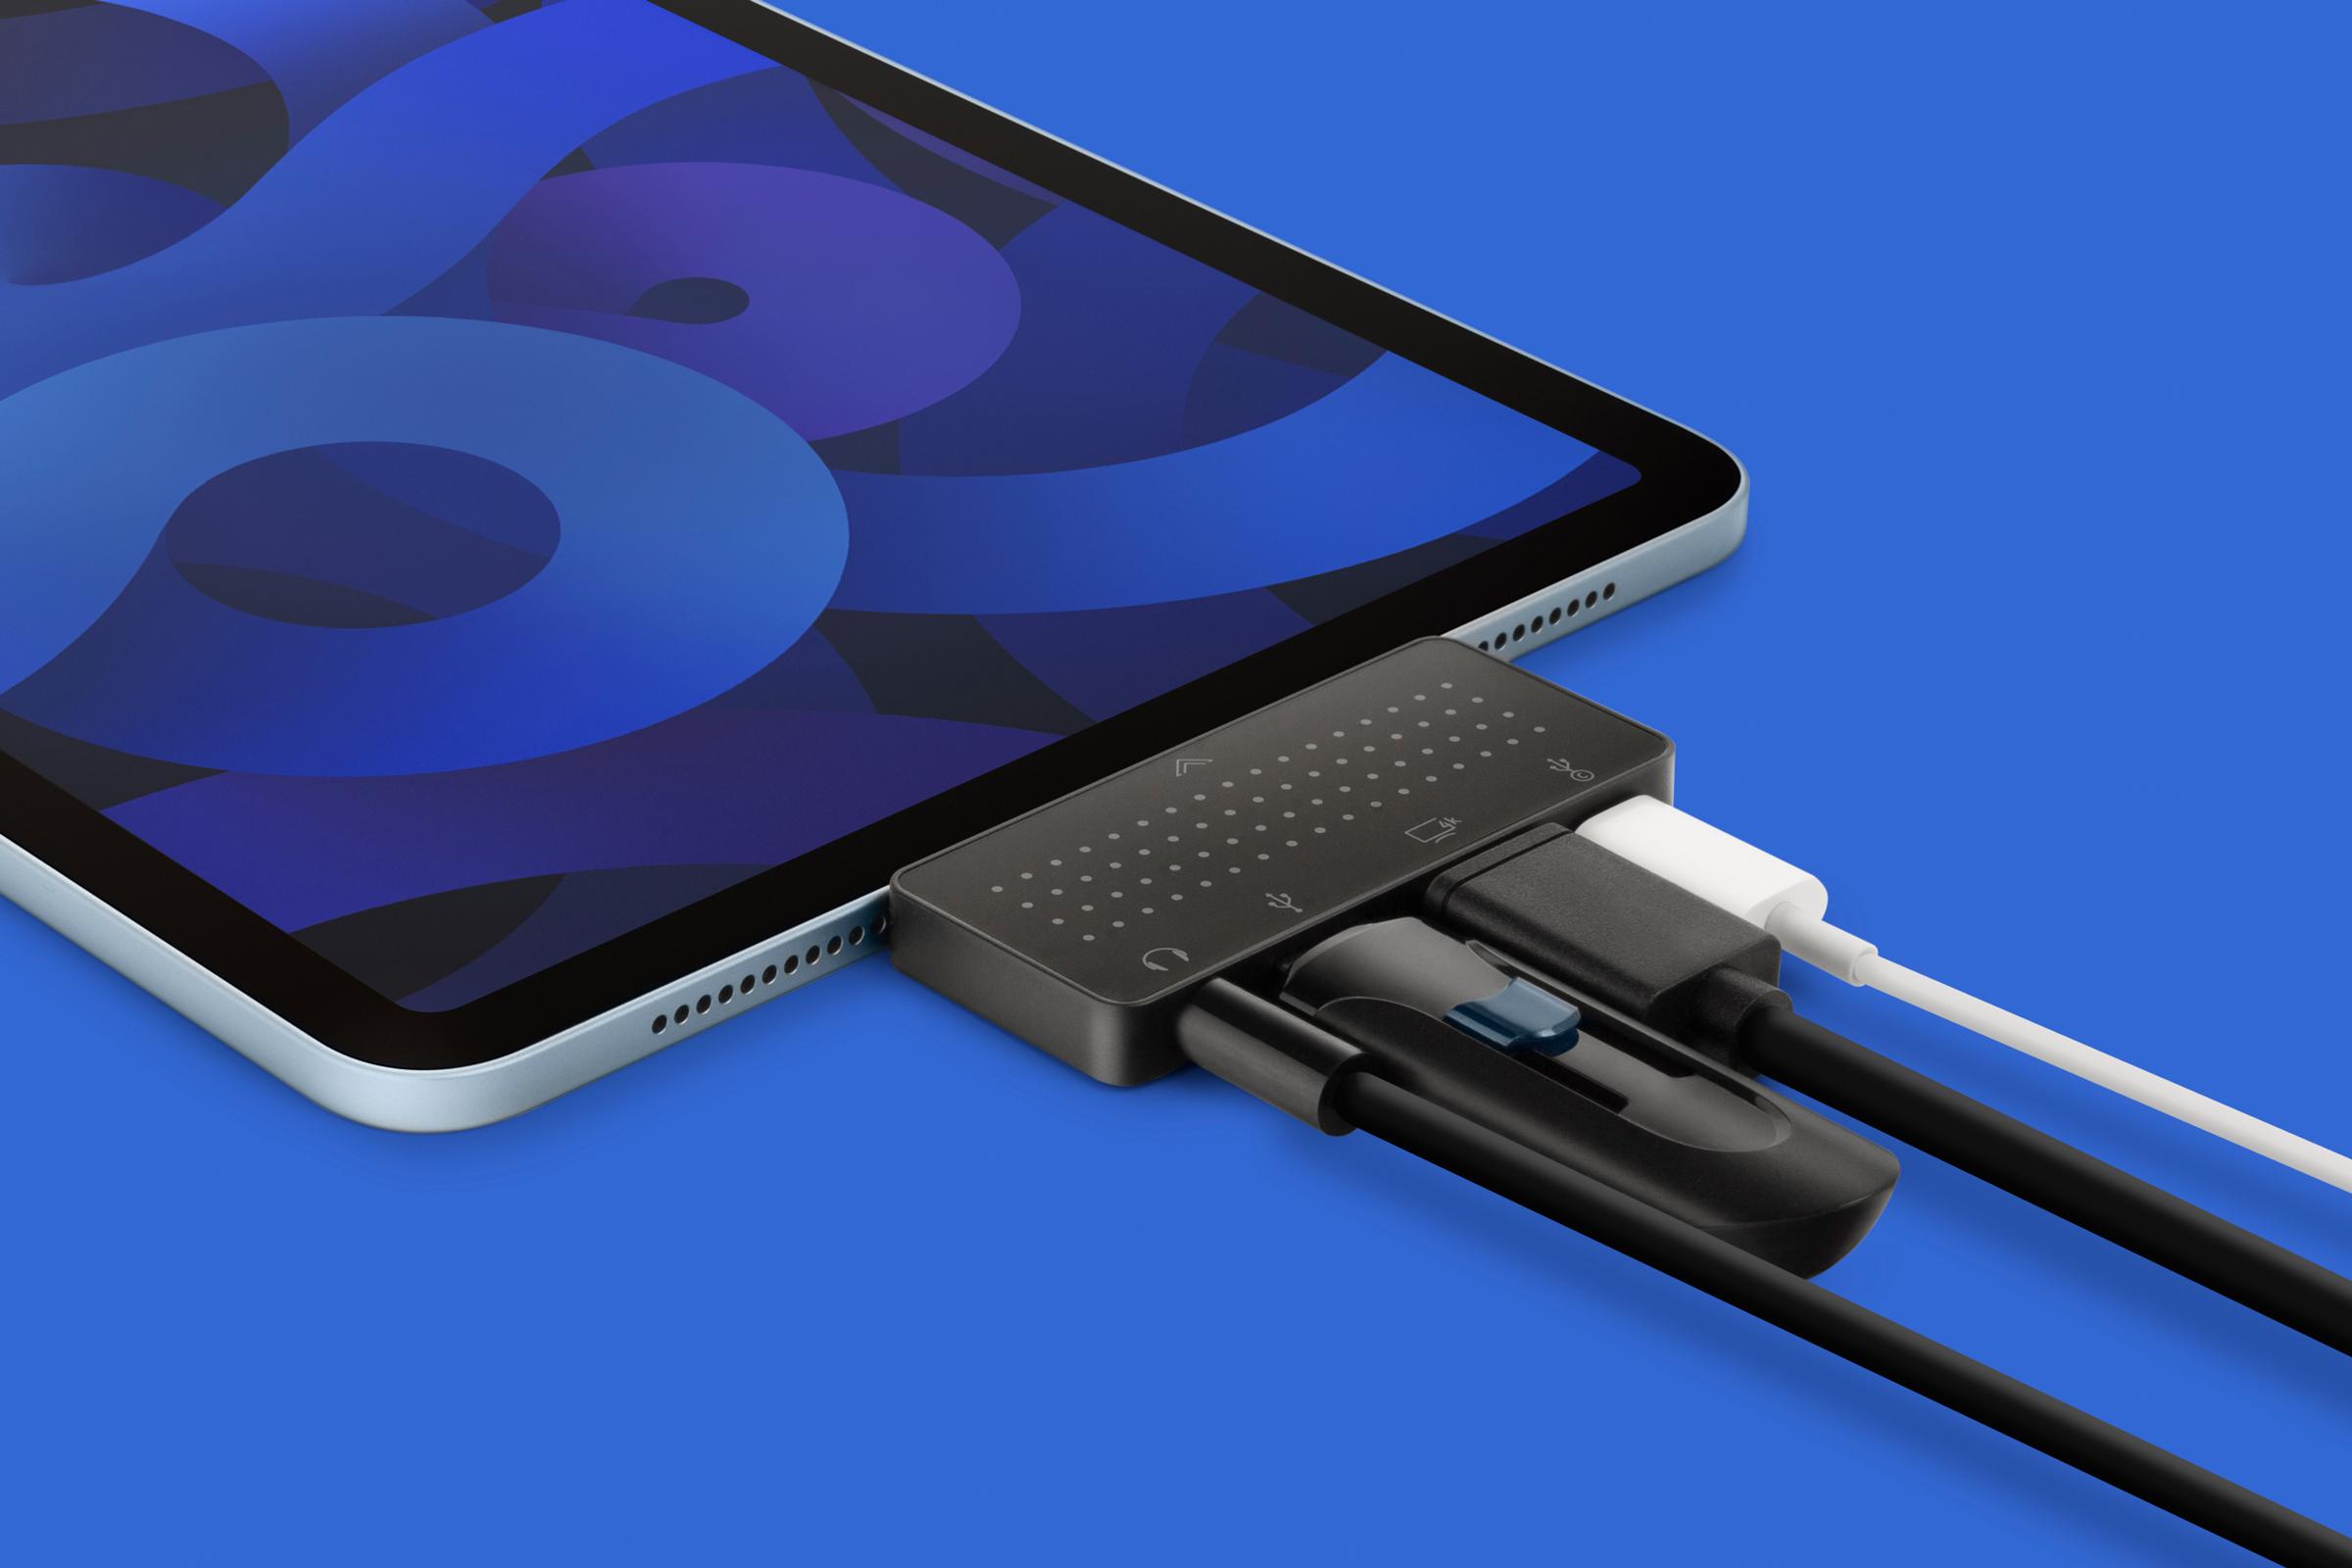 iPadやMacBookに周辺機器を接続するためのUSB-Cハブ「StayGo」のミニサイズ